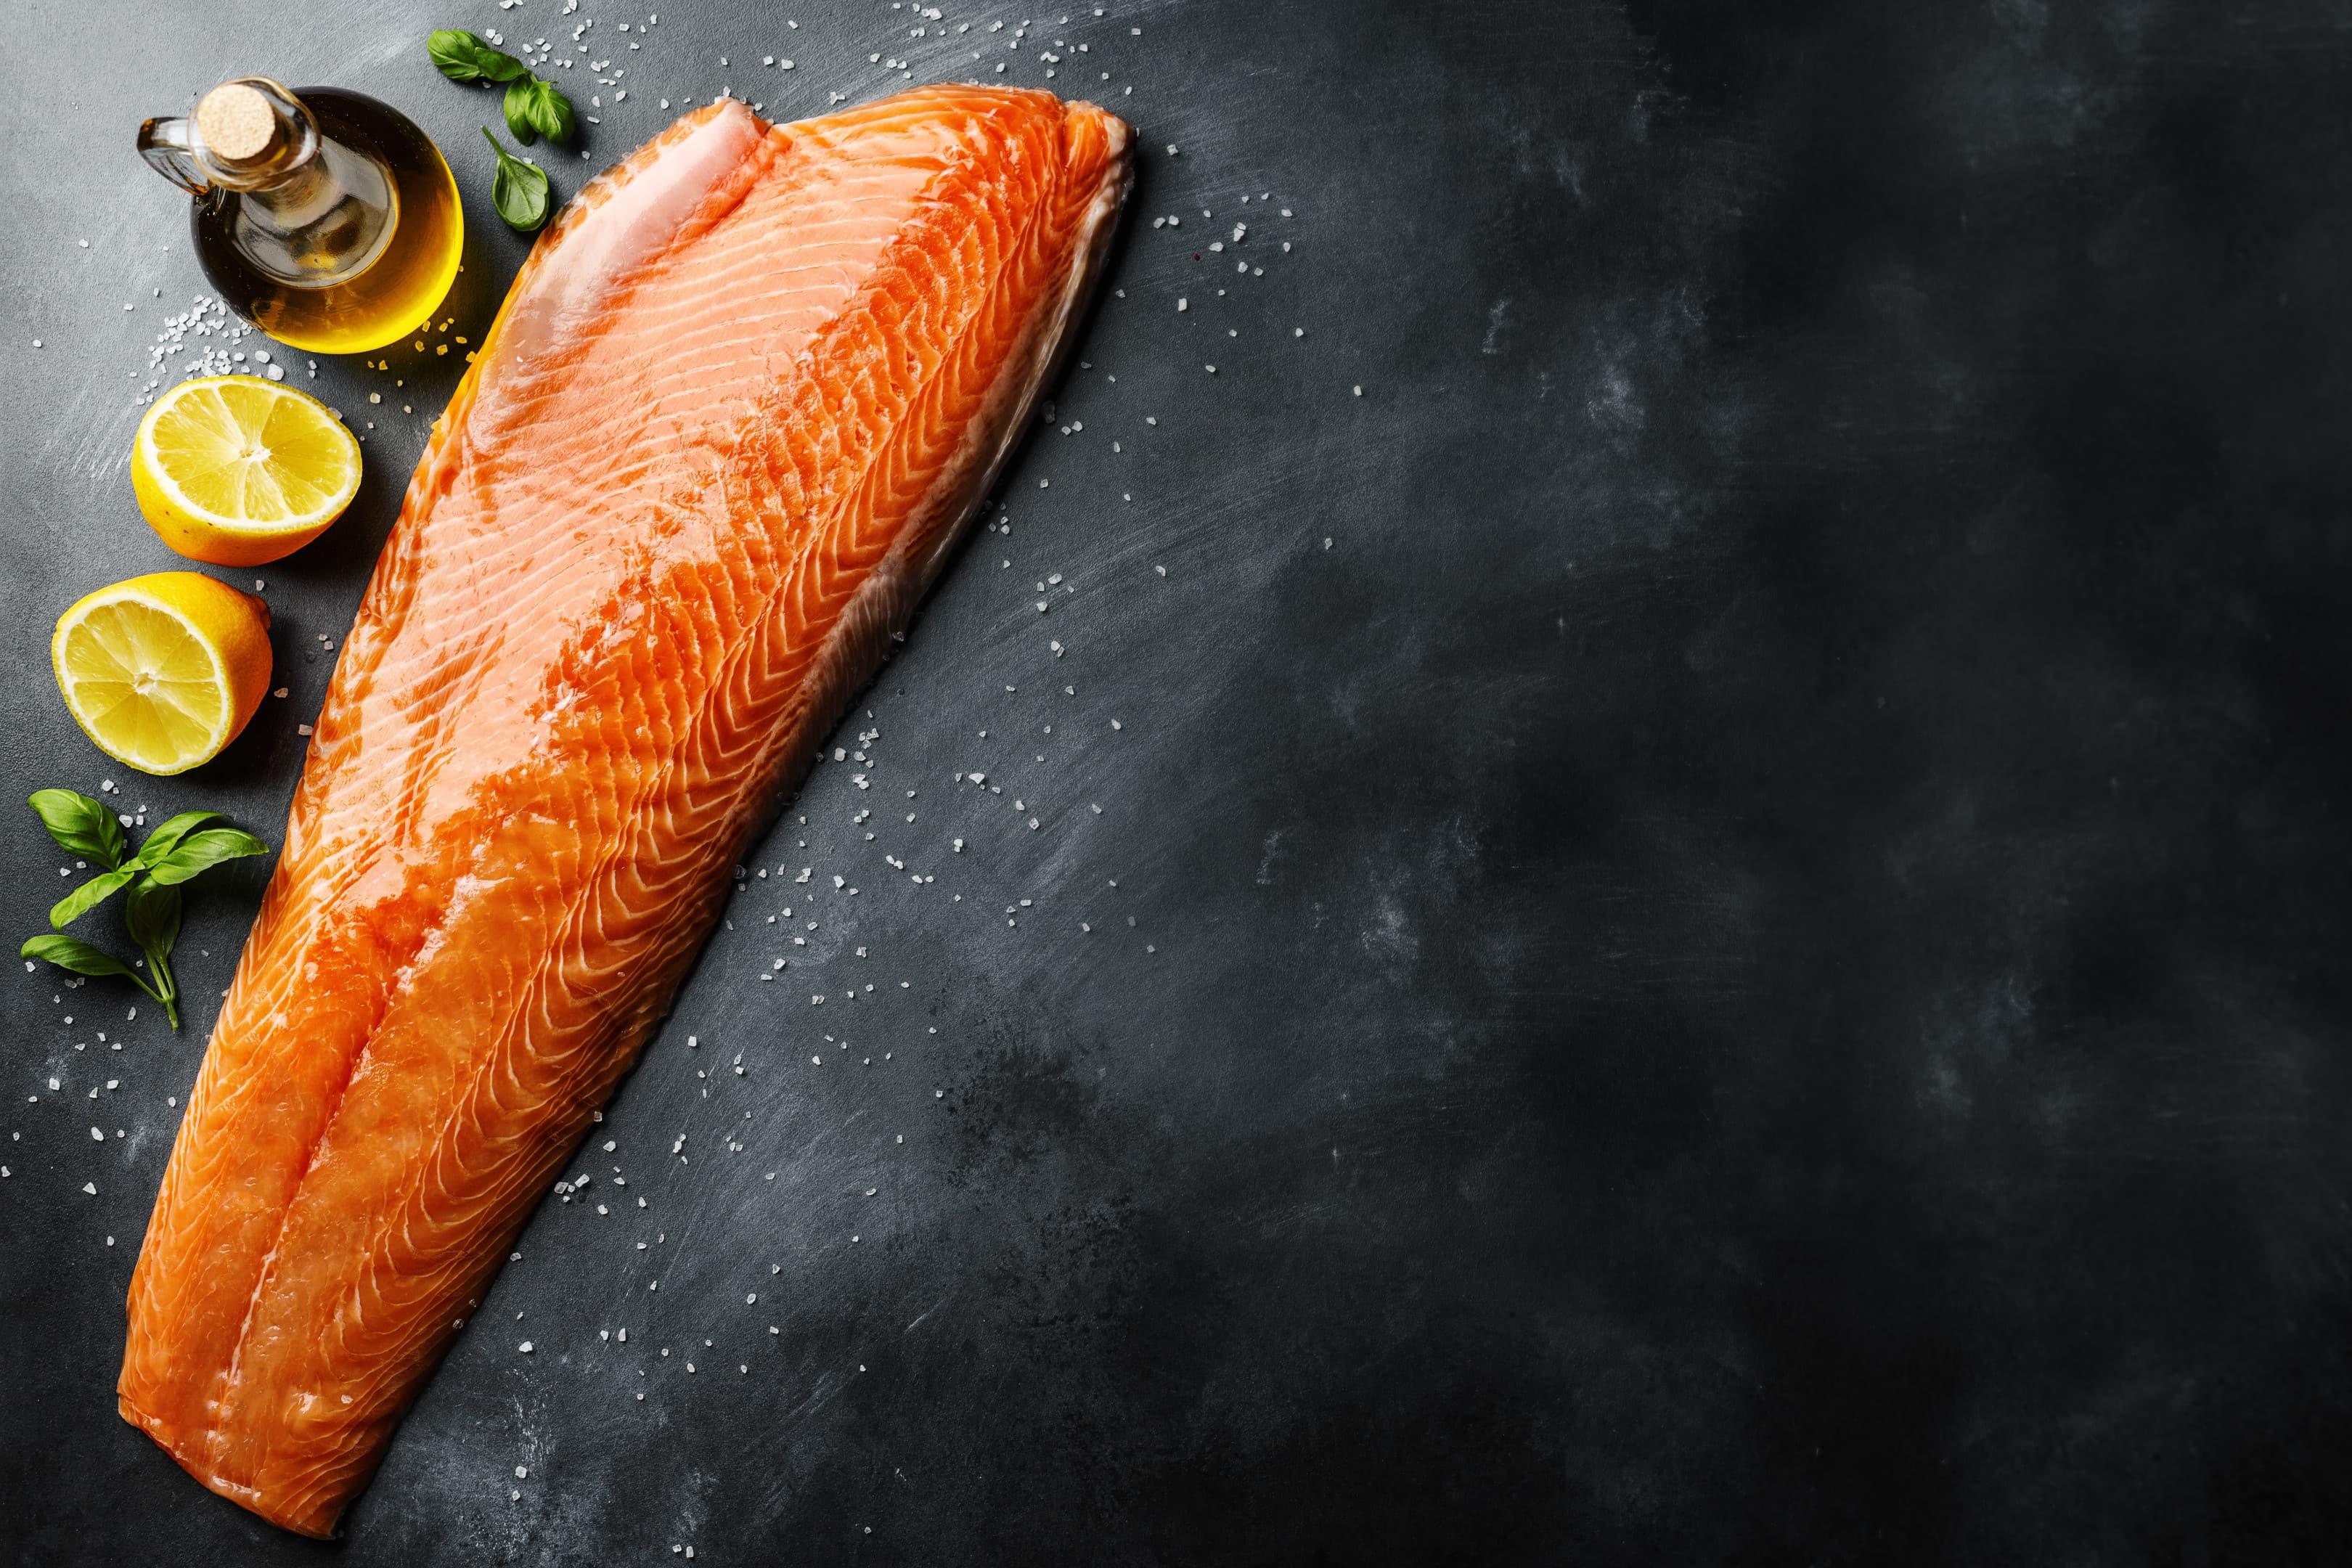 Fresh salmon with lemon on kitchen table